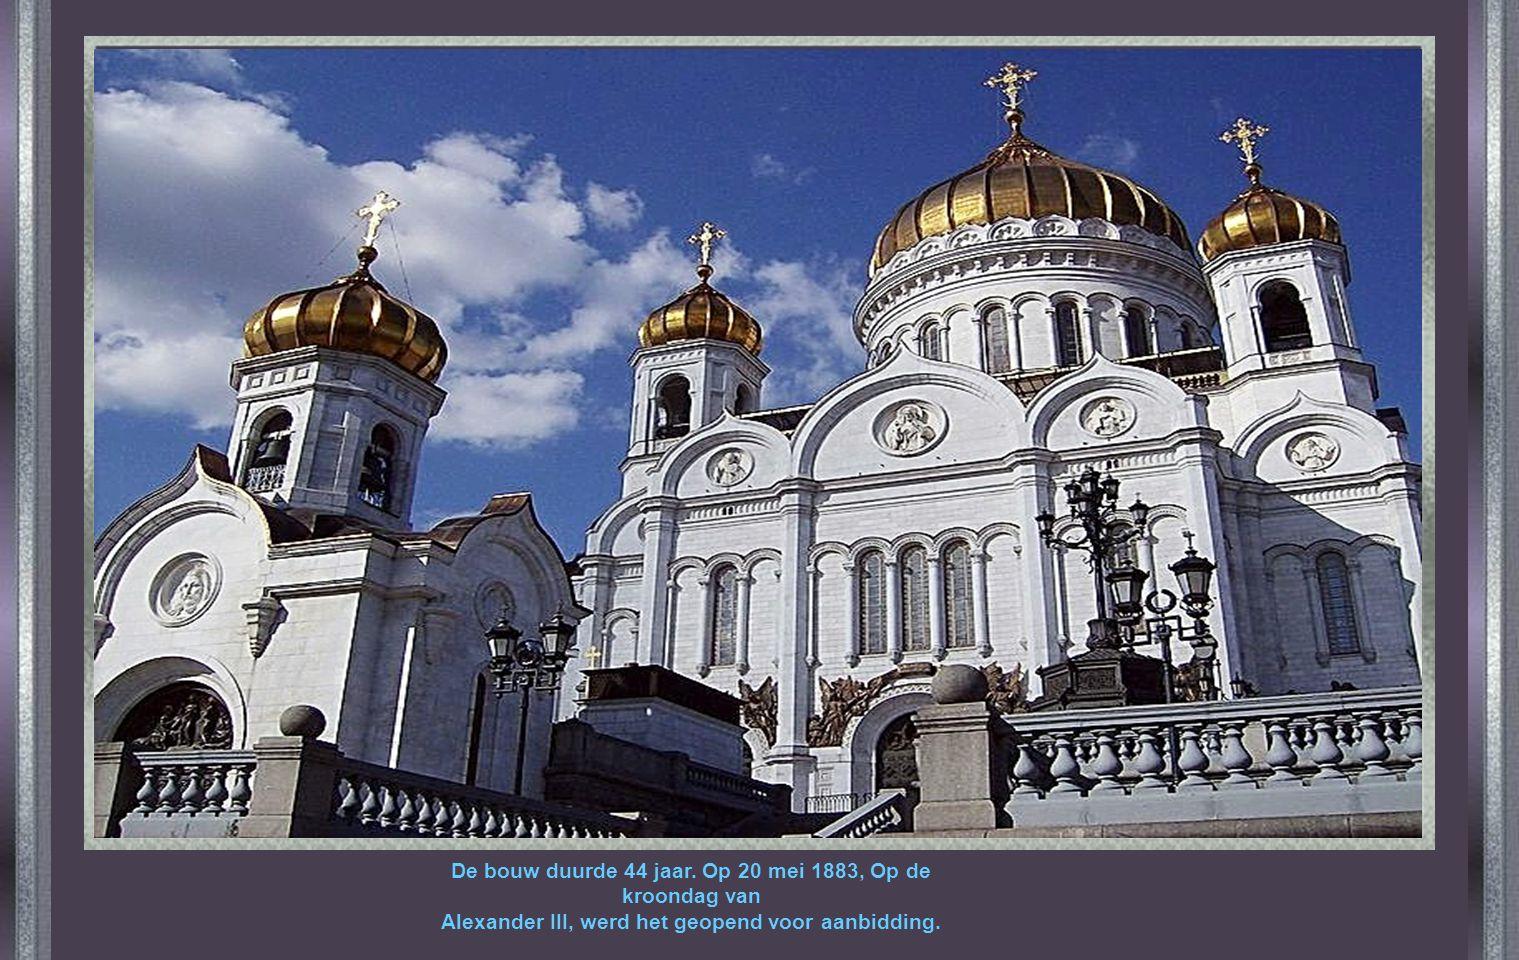 De kathedraal van Christus de Savoir In 1812, toen de Franse troepen werden verdreven uit Rusland, heeft tsaar Alexander 1 deze kerk gebouwd om de dankbaarheid van het Russische volk naar God te uiten voor het redden van Rusland van de ramp die zou hebben plaatsgevonden als Napoleon het land veroverd had.